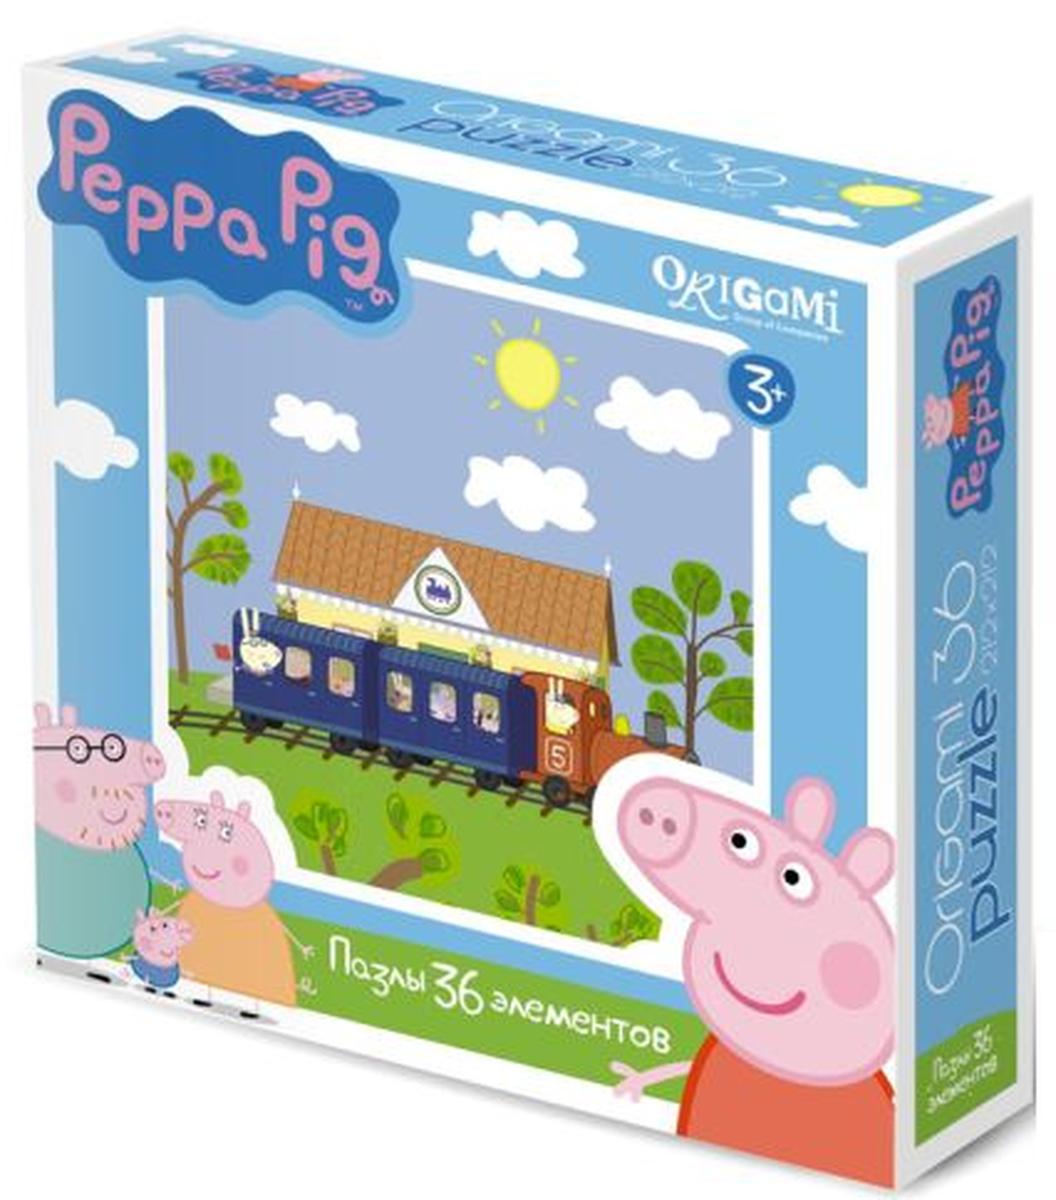 Оригами Пазл для малышей Peppa Pig 01551 оригами для мальчика